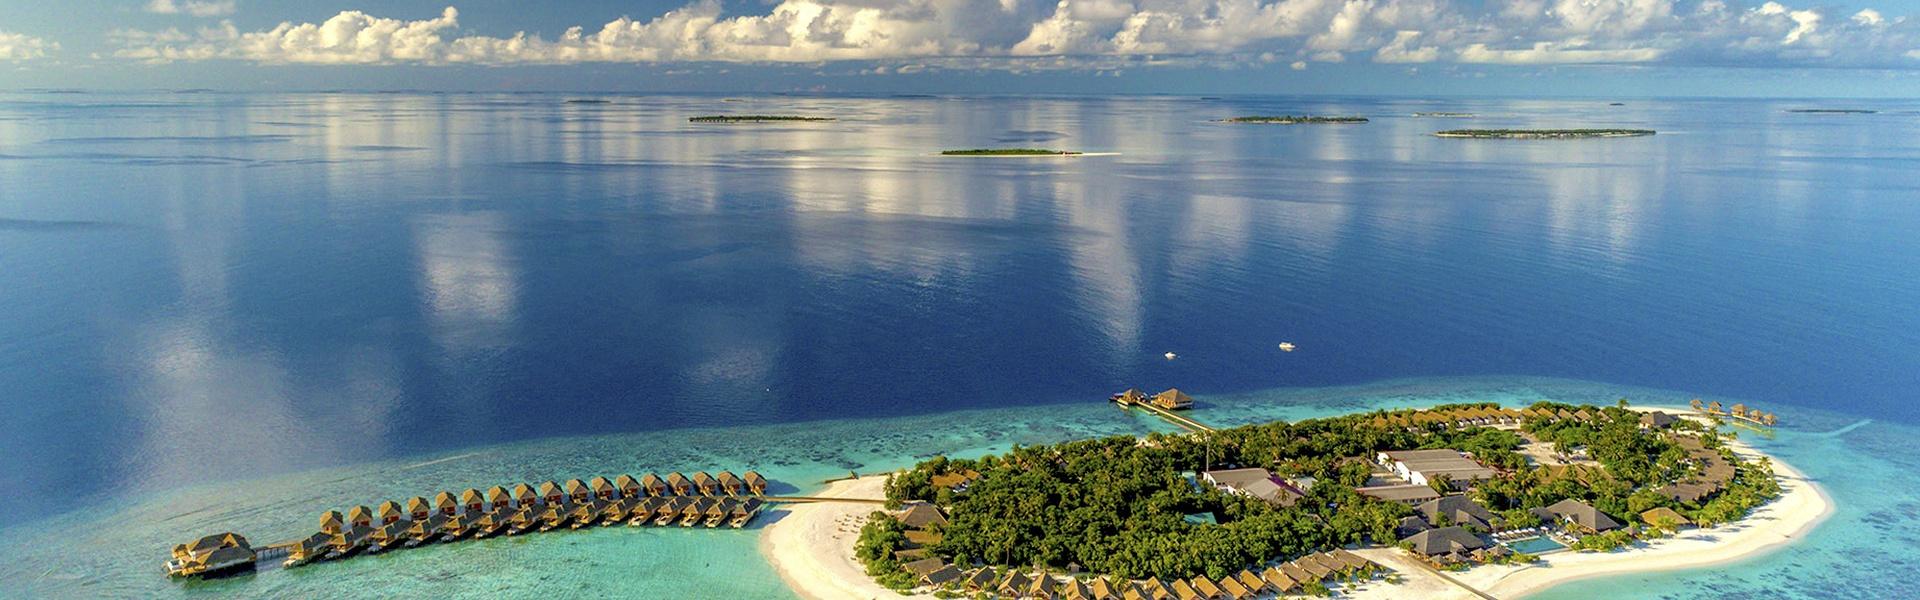 Мальдивы... Роскошные виллы на воде!